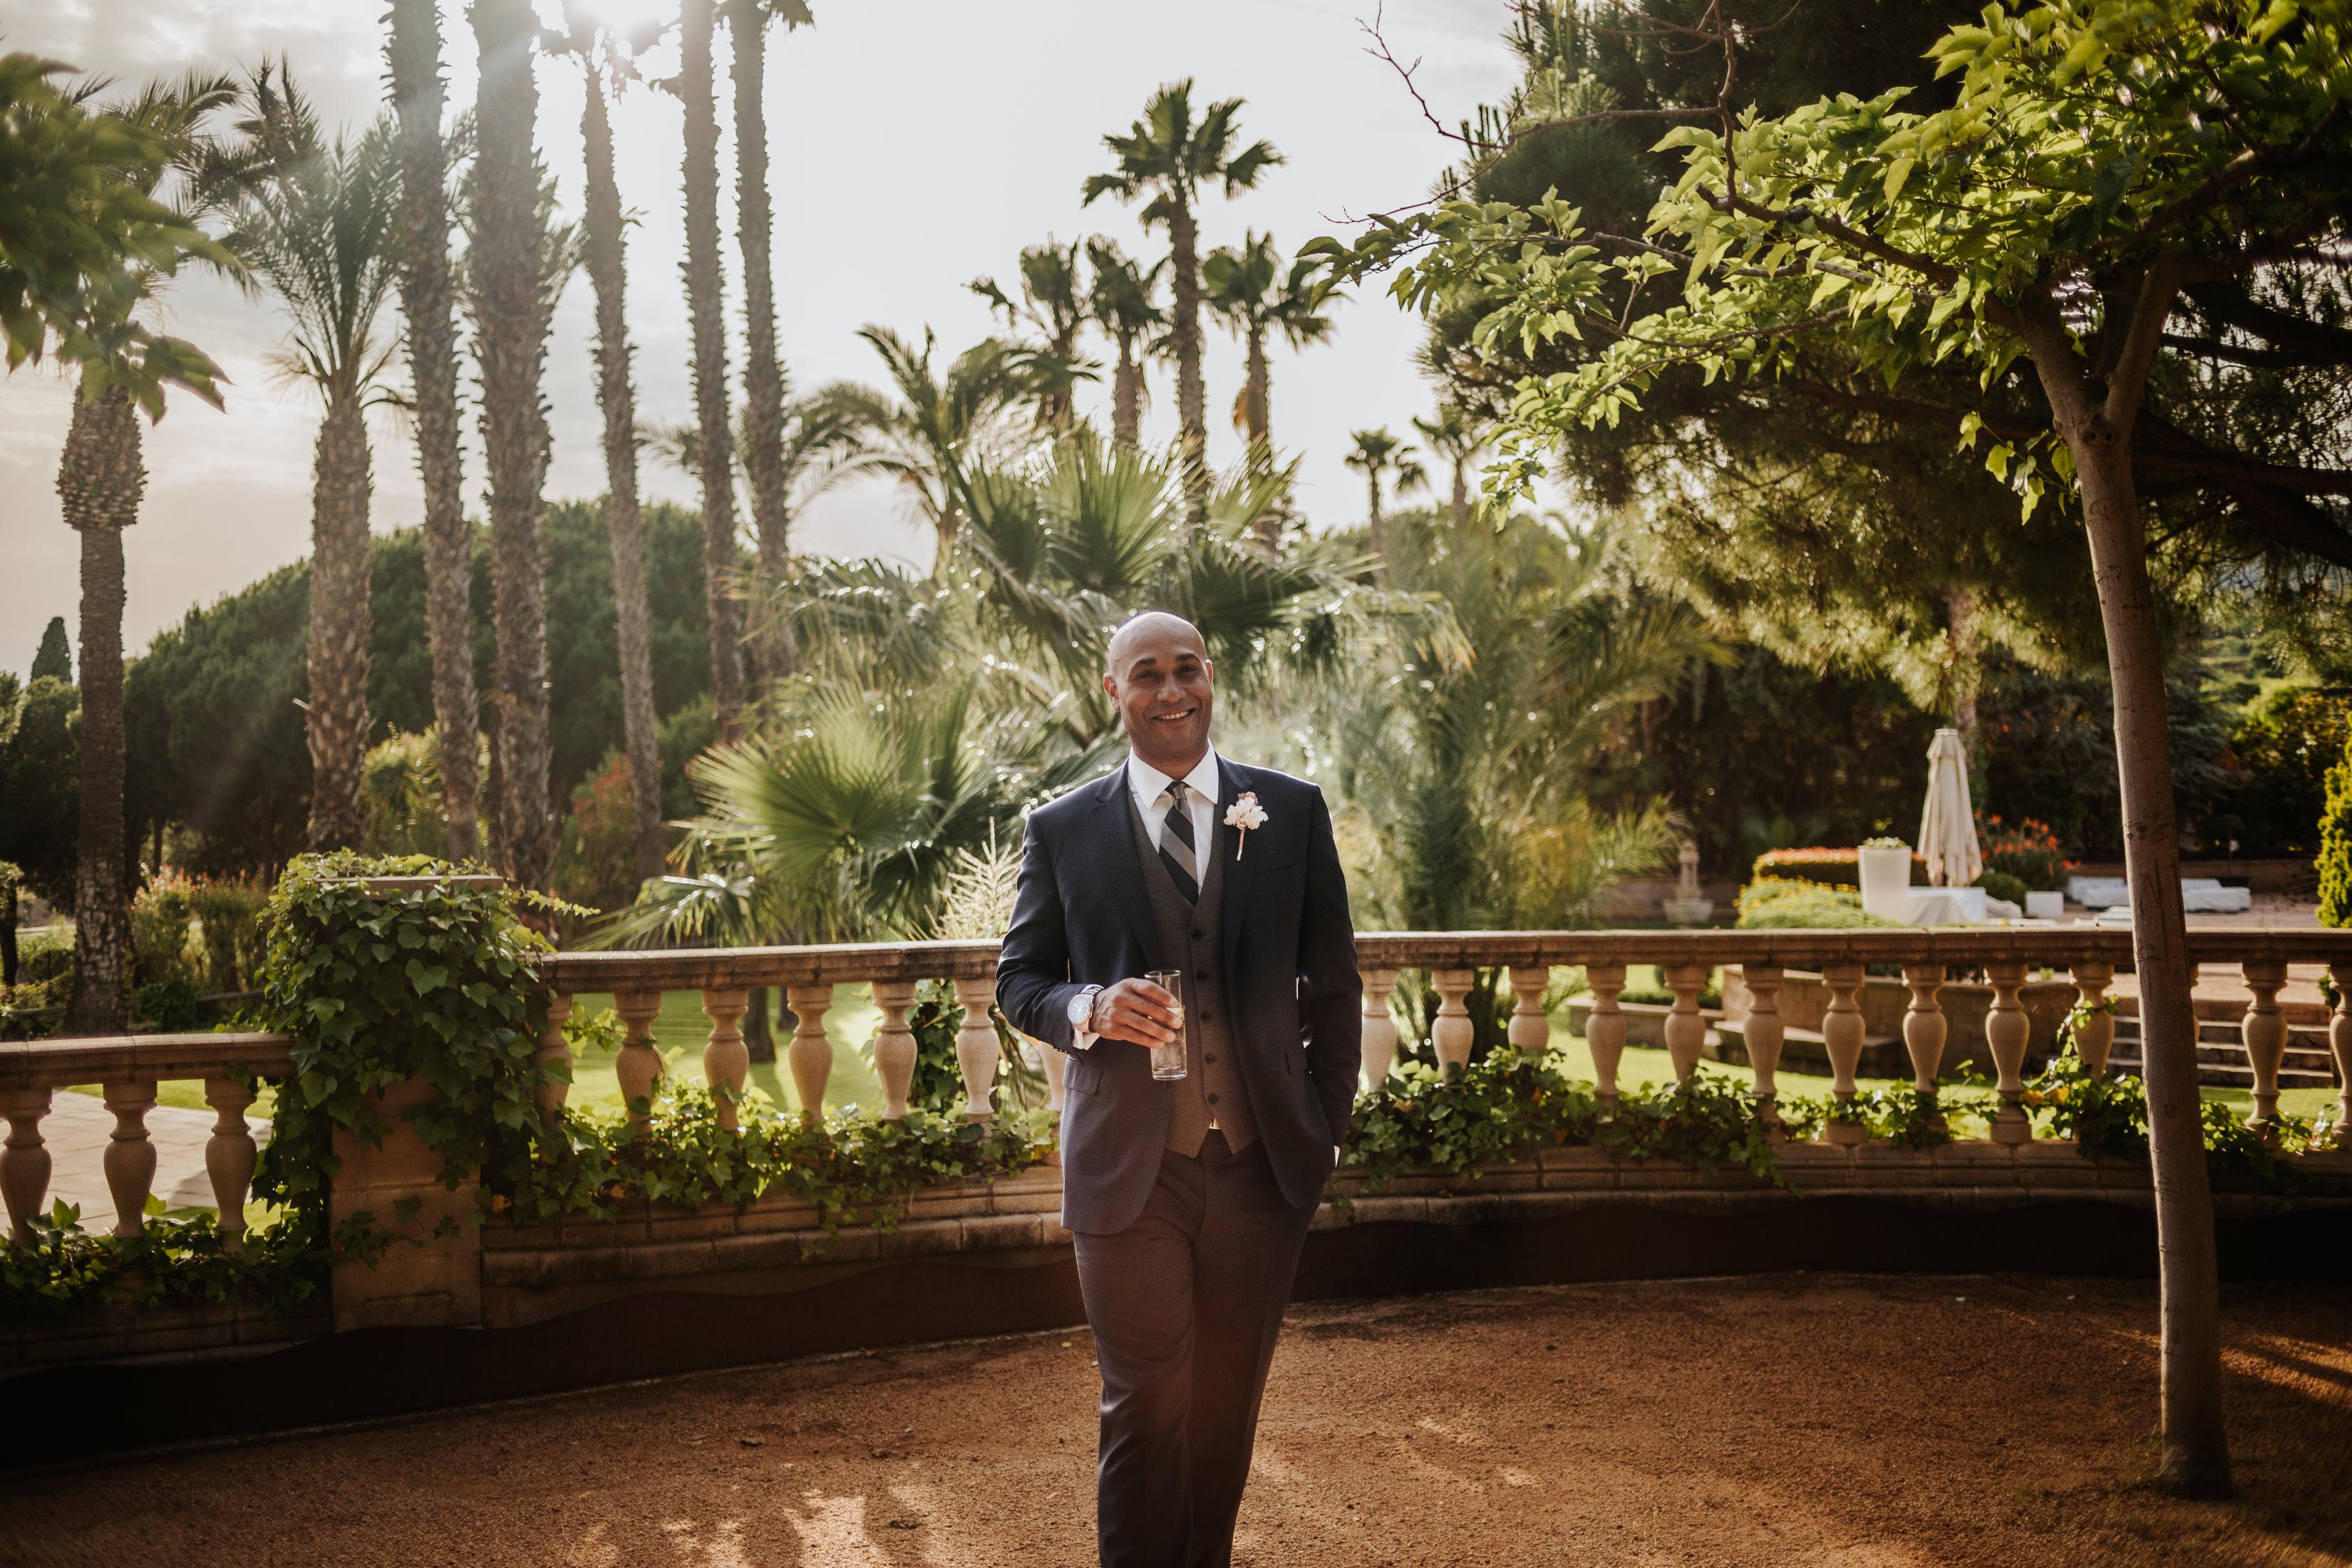 fotógrafo de boda:: Turó del sol :: Boda sofisticada :: Boda romántica :: Novios con carácter